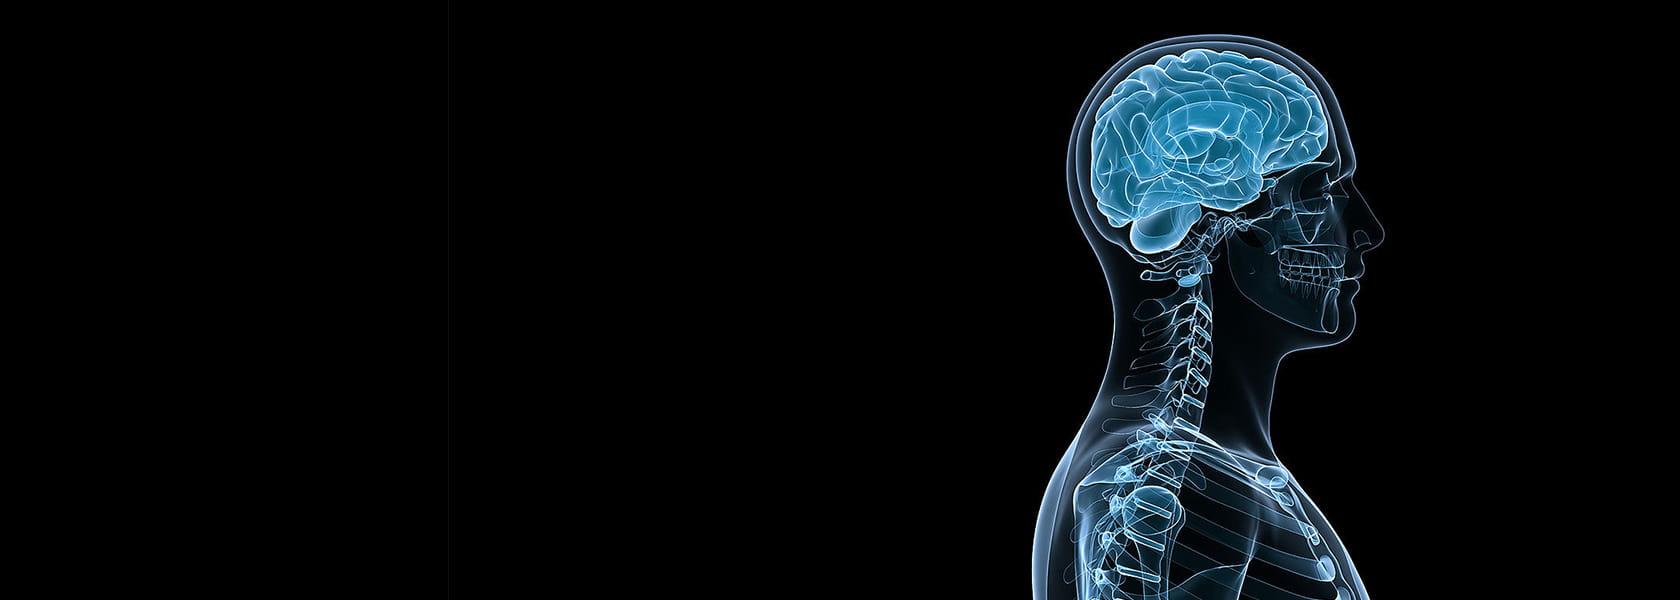 Оборудование и инструменты для нейрохирургии от KLS Martin